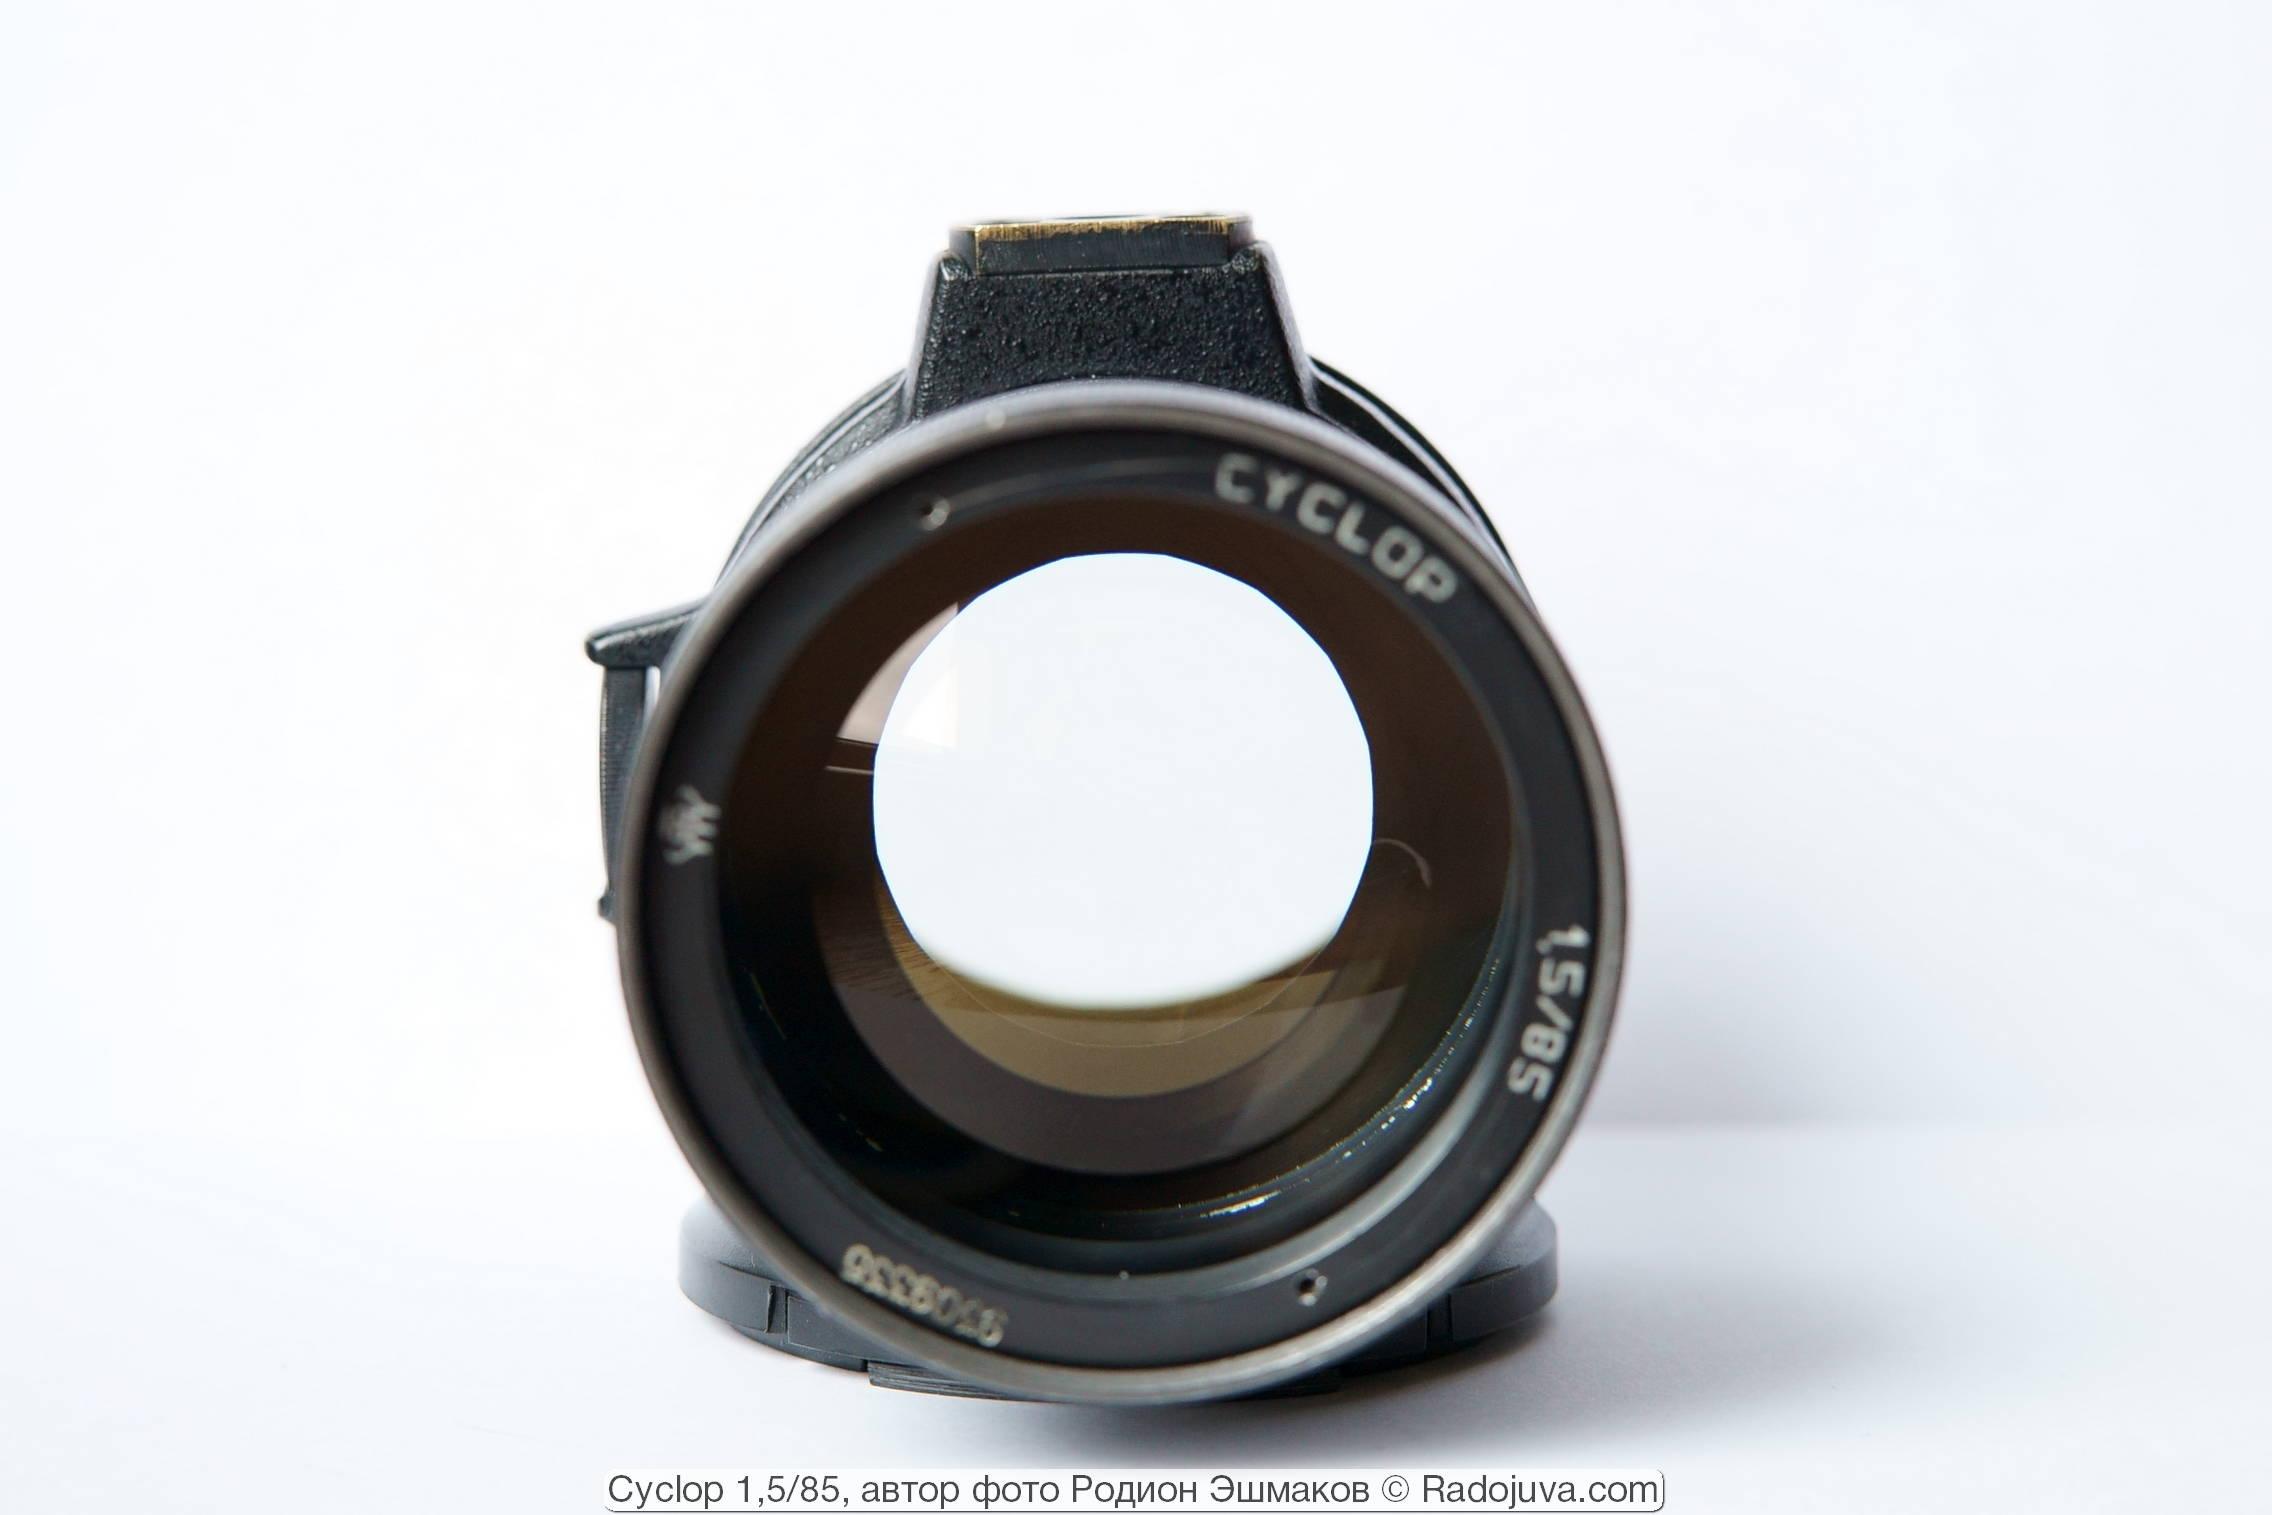 Вид входного зрачка Циклопа при прикрытой диафрагме.